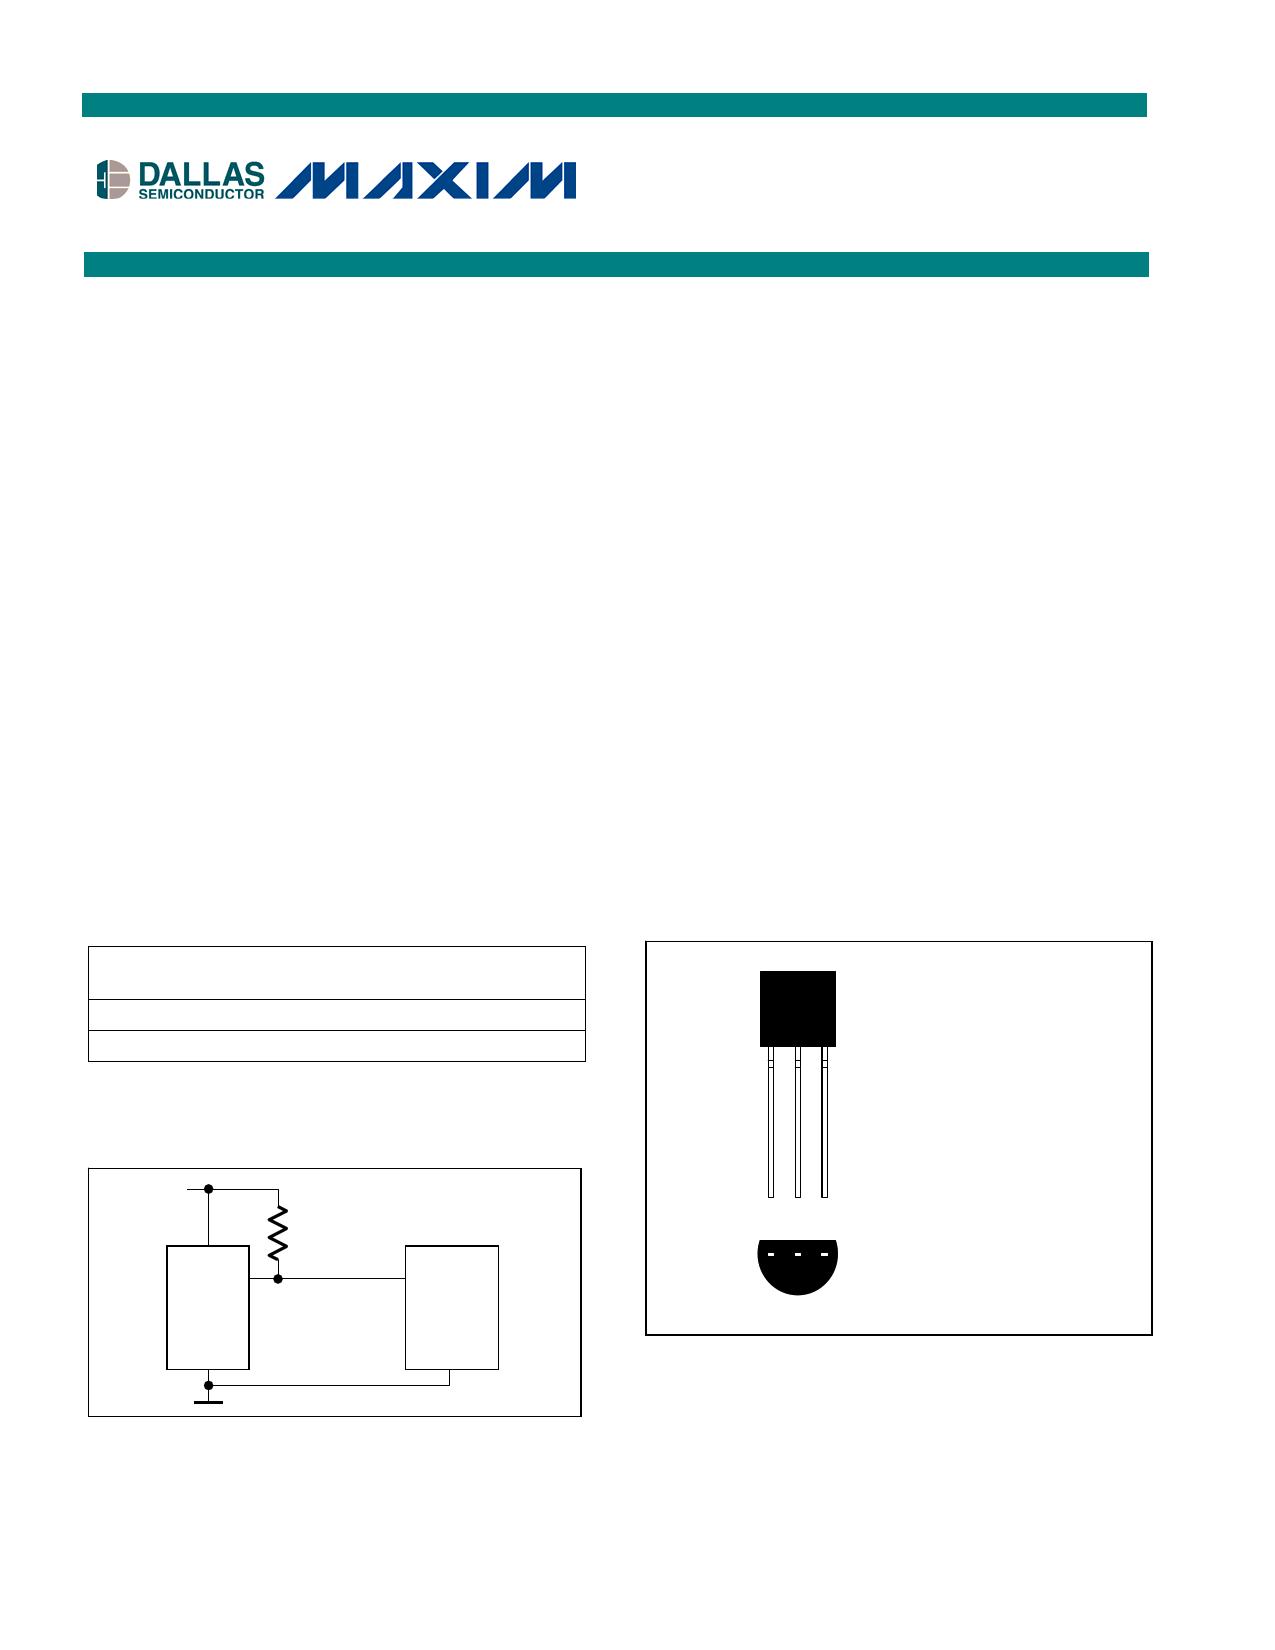 DS28EC20 دیتاشیت PDF